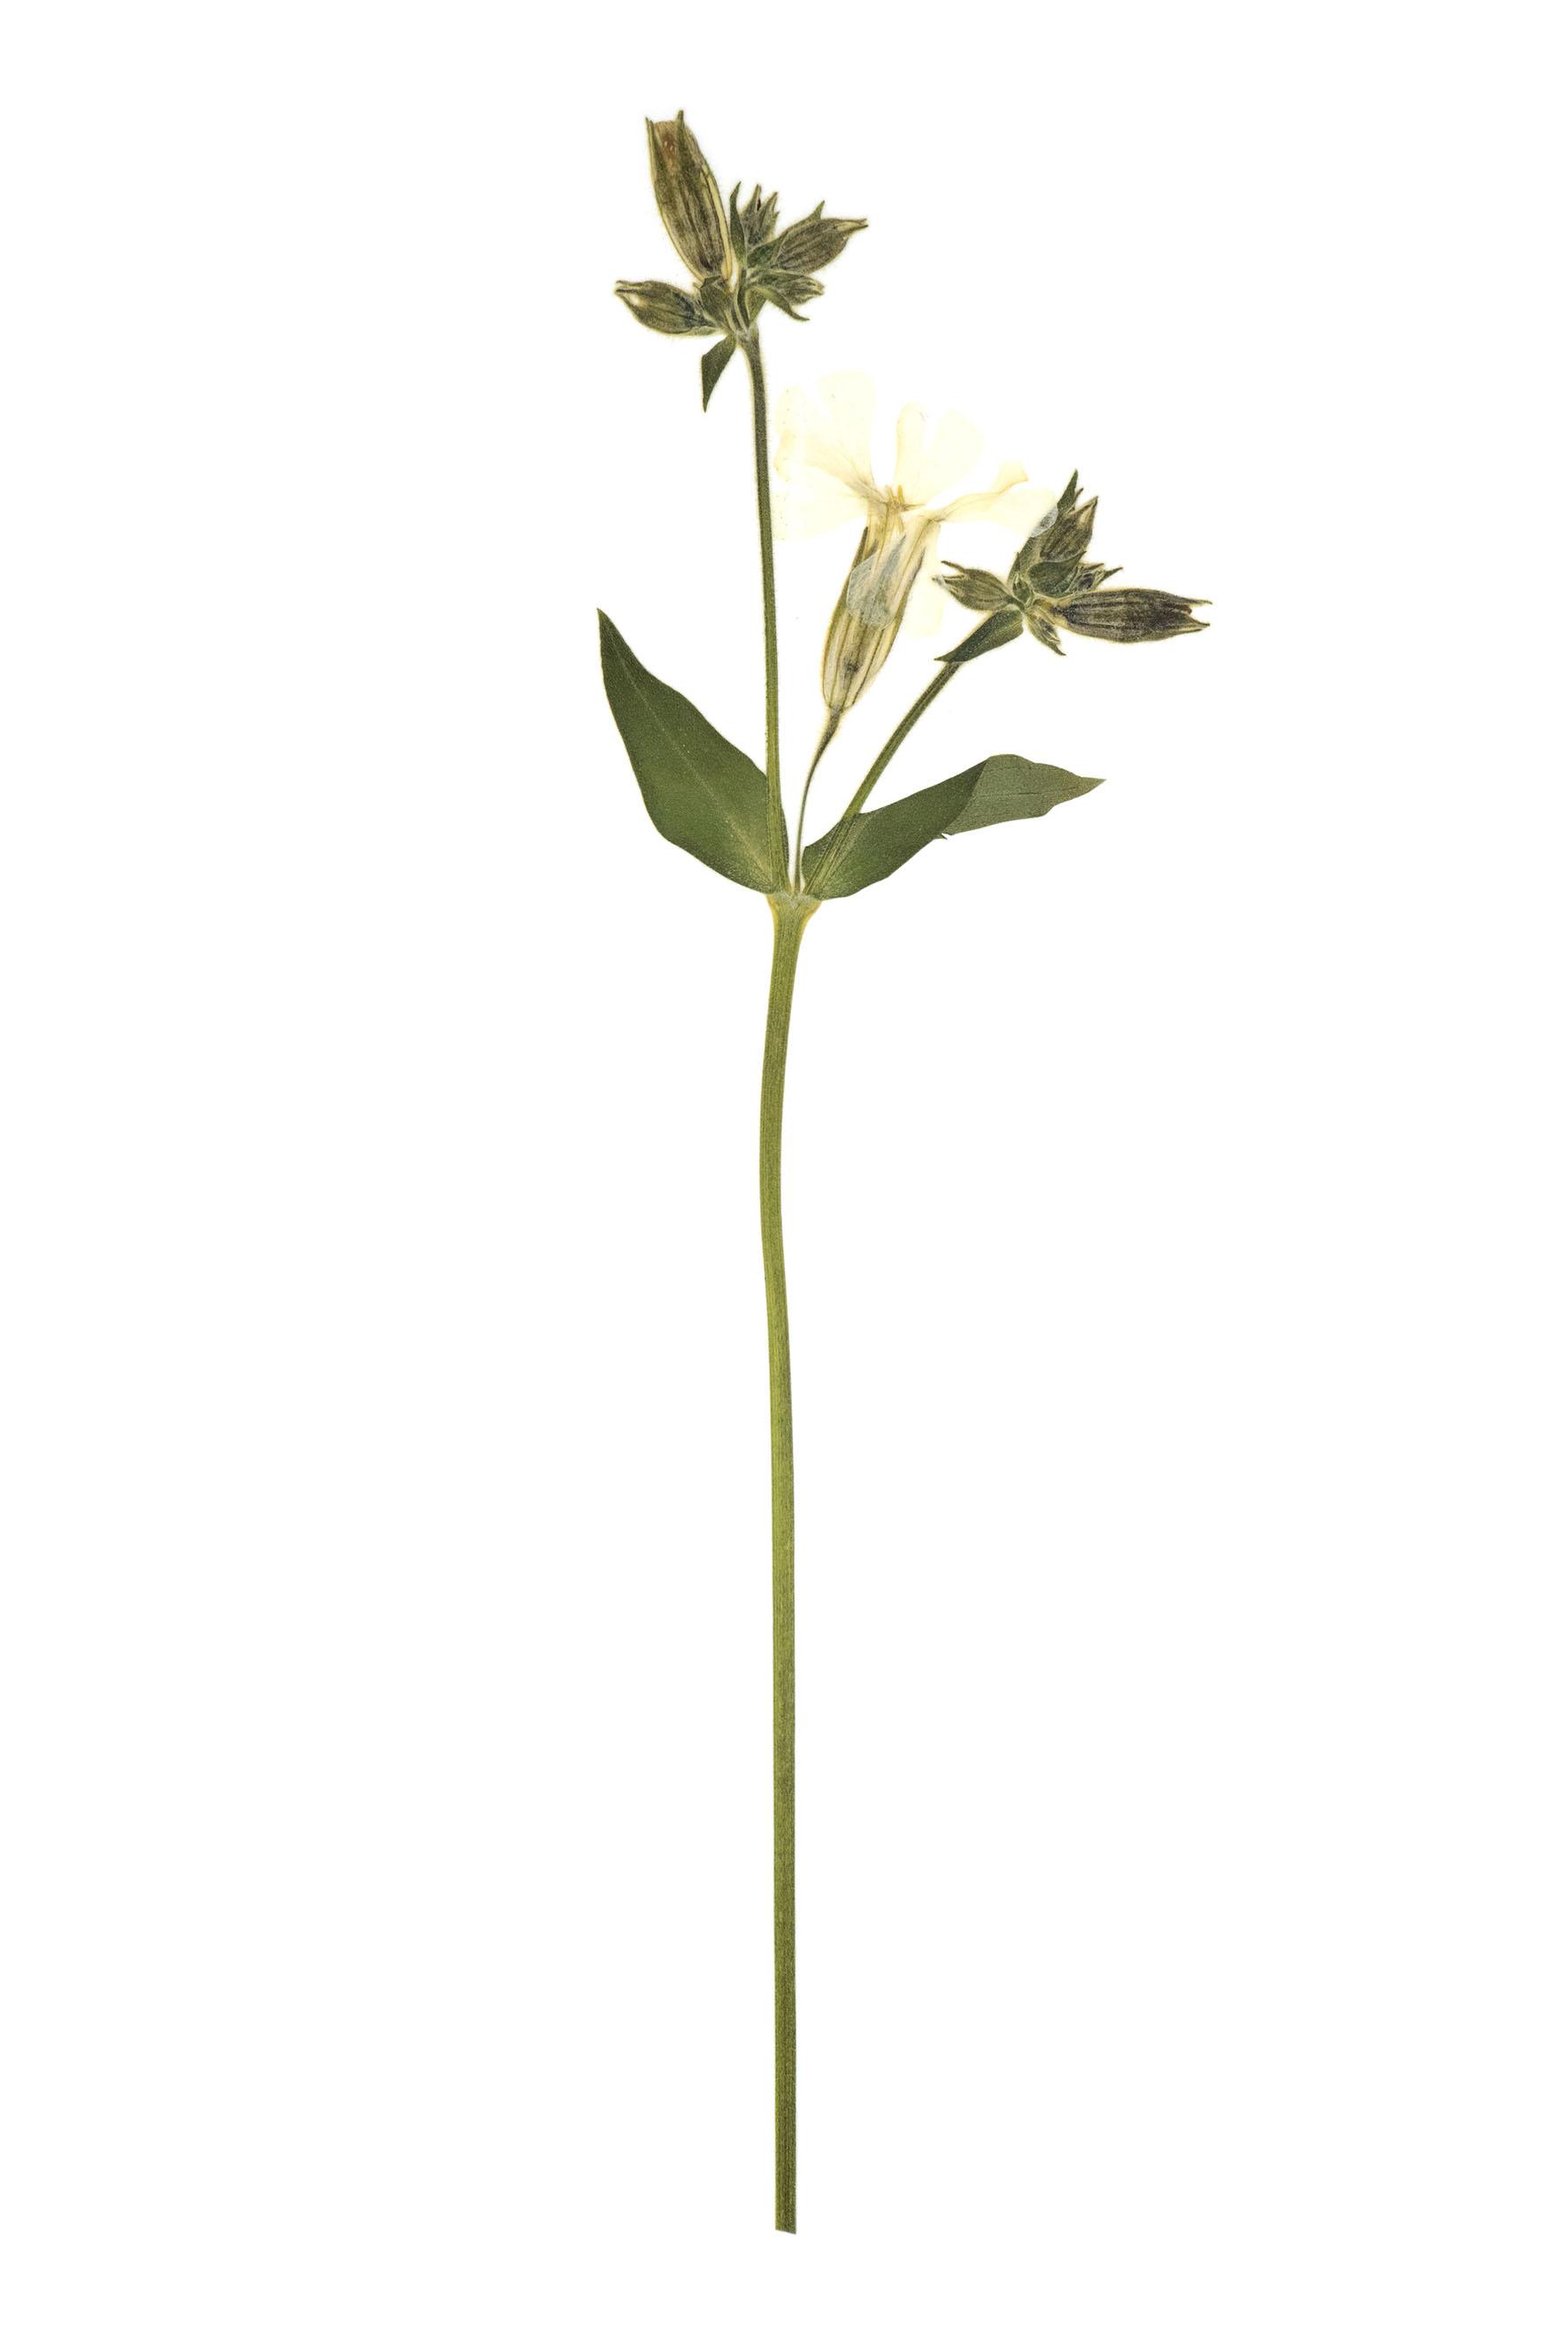 New! White Campion / Silene pratensis